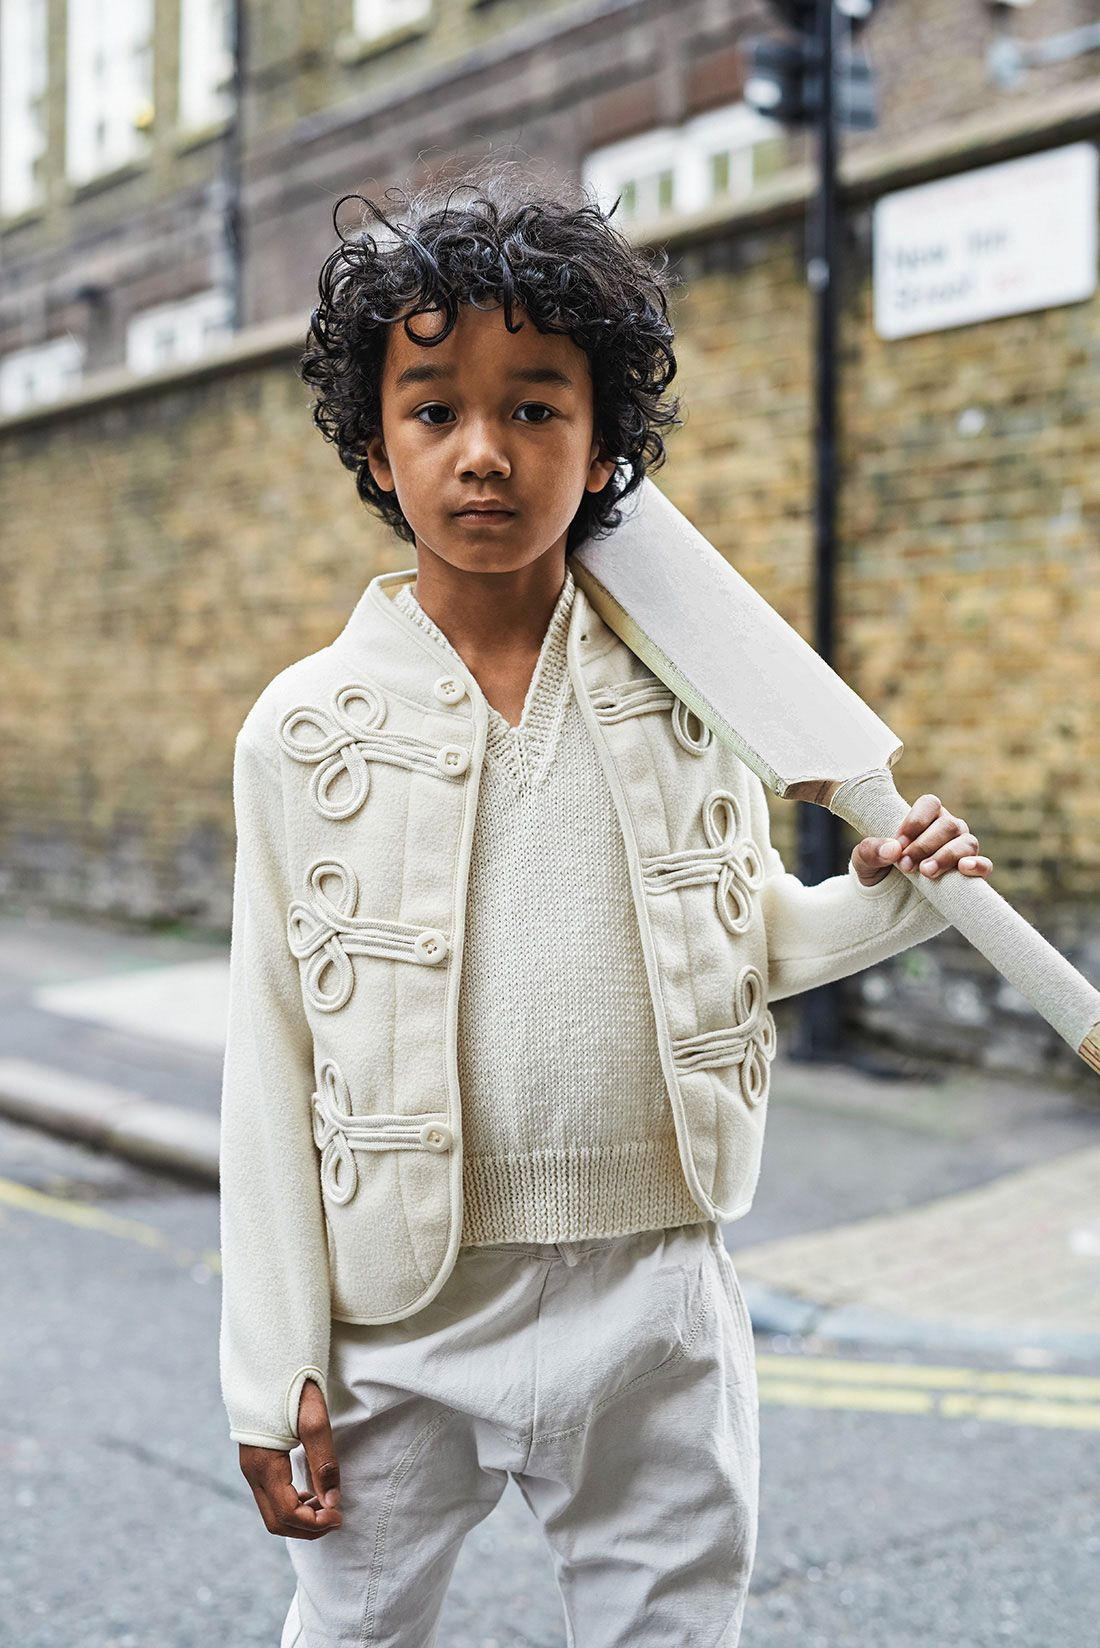 Dandy boy ☞ Plus de contenu sur www.milkmagazine.fr Direction artistique : Liz Sheppard Photos : Luca Zordan Style : Nadia Ronchi Mise en beauté : Jade Legatt Modèles : Brooke et Danny